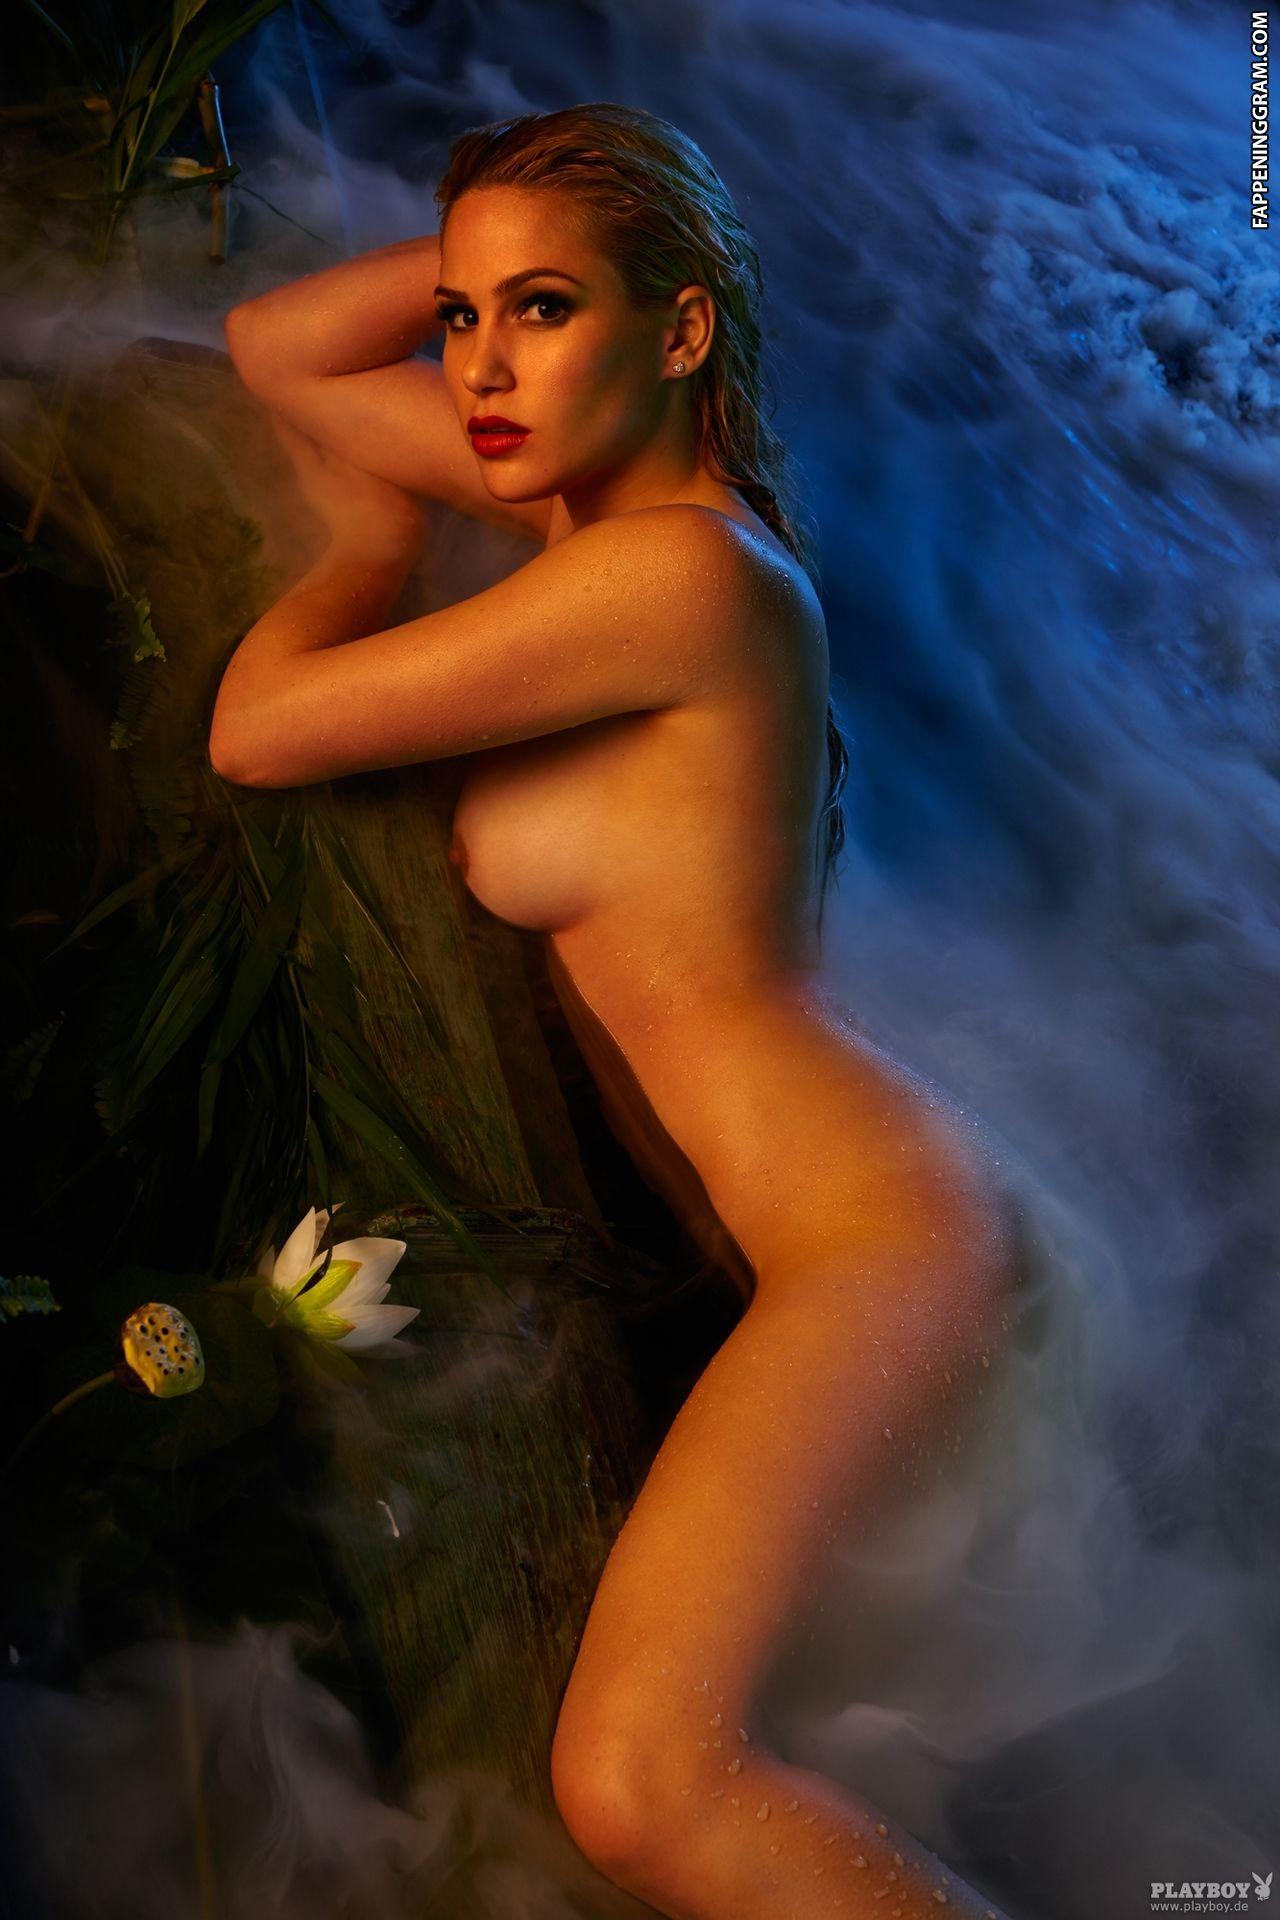 Angelina heger naked